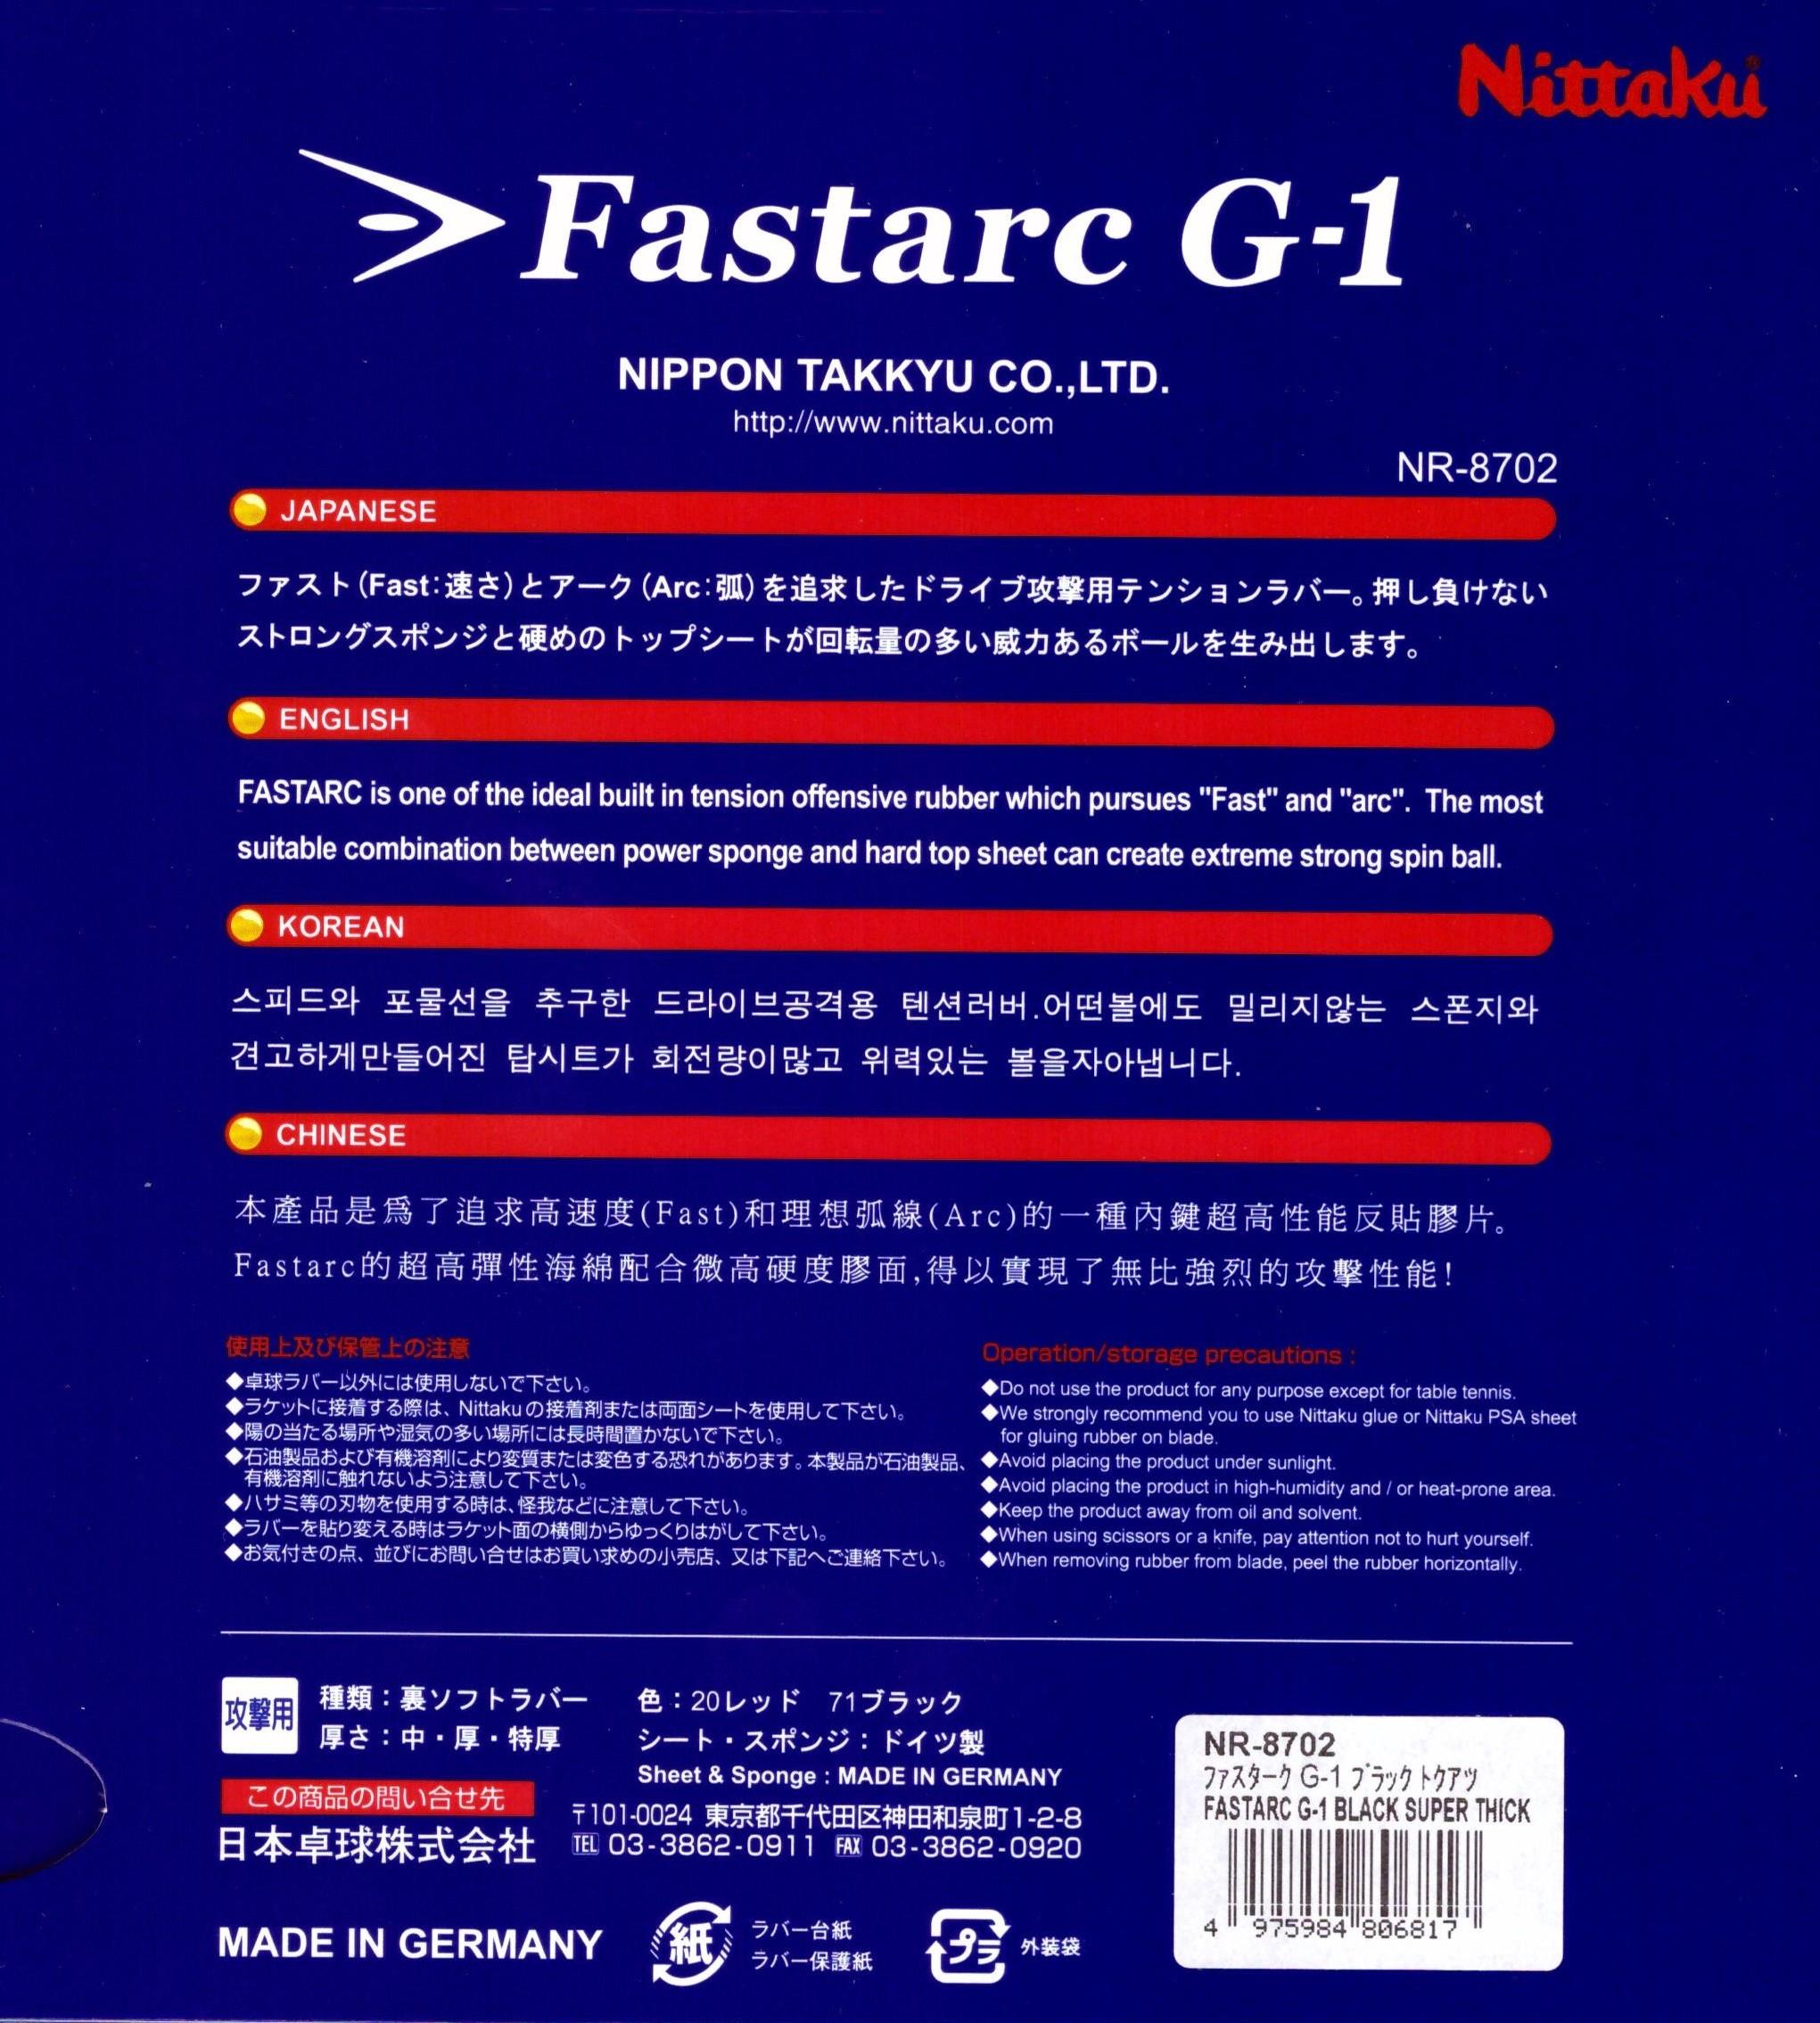 Nittaku Fastarc G-1 Black 2.0mm max